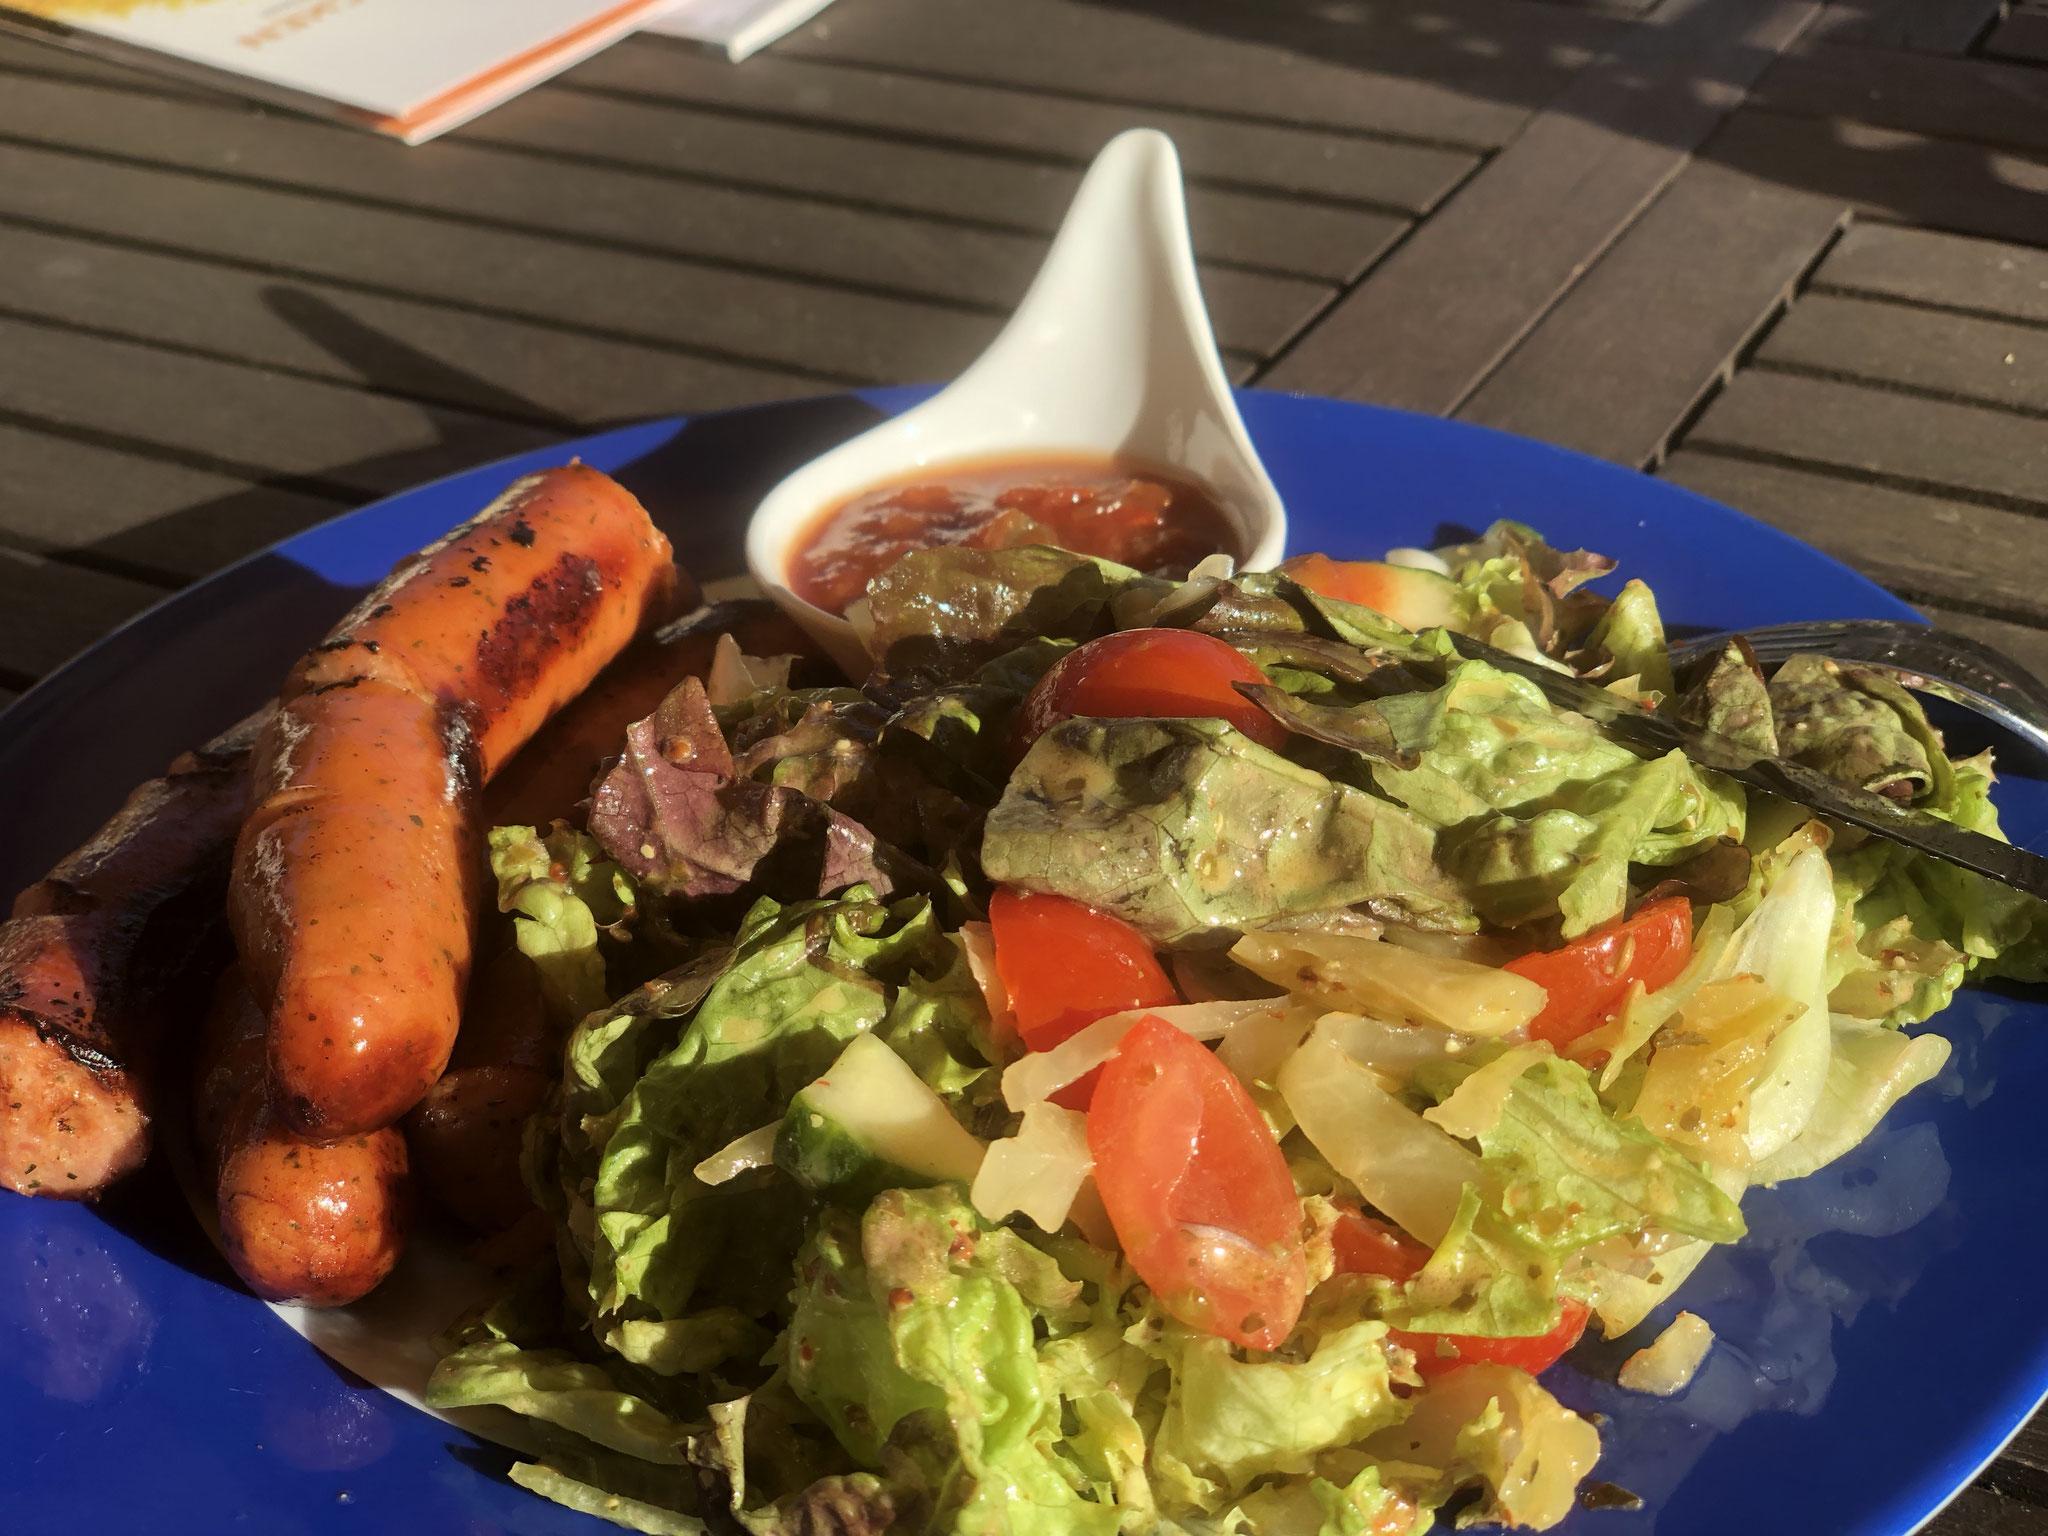 Grüne Salate der Saison mit Fermentierten und einer guten Portion Öl